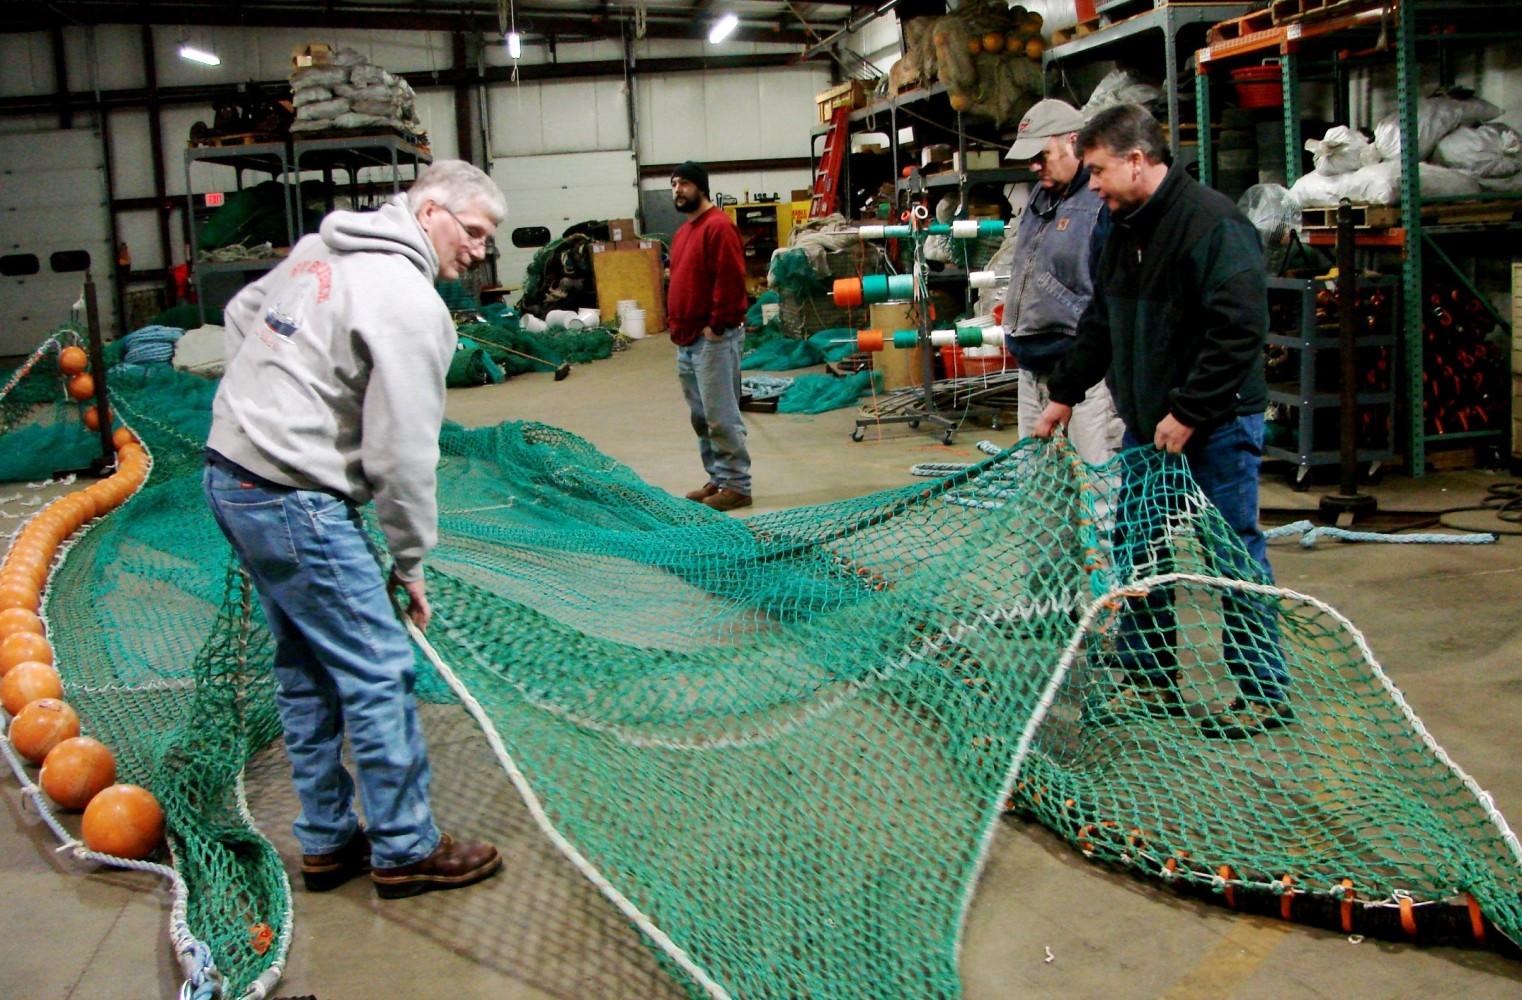 NOAA Survey Trawl Net